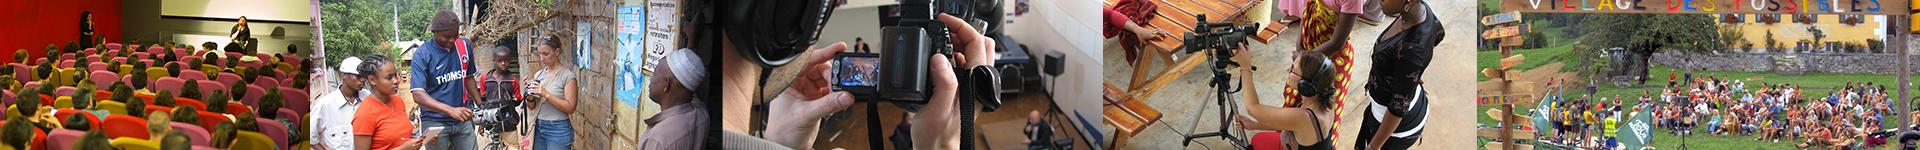 image bandeau_ateliers.jpg (0.4MB)